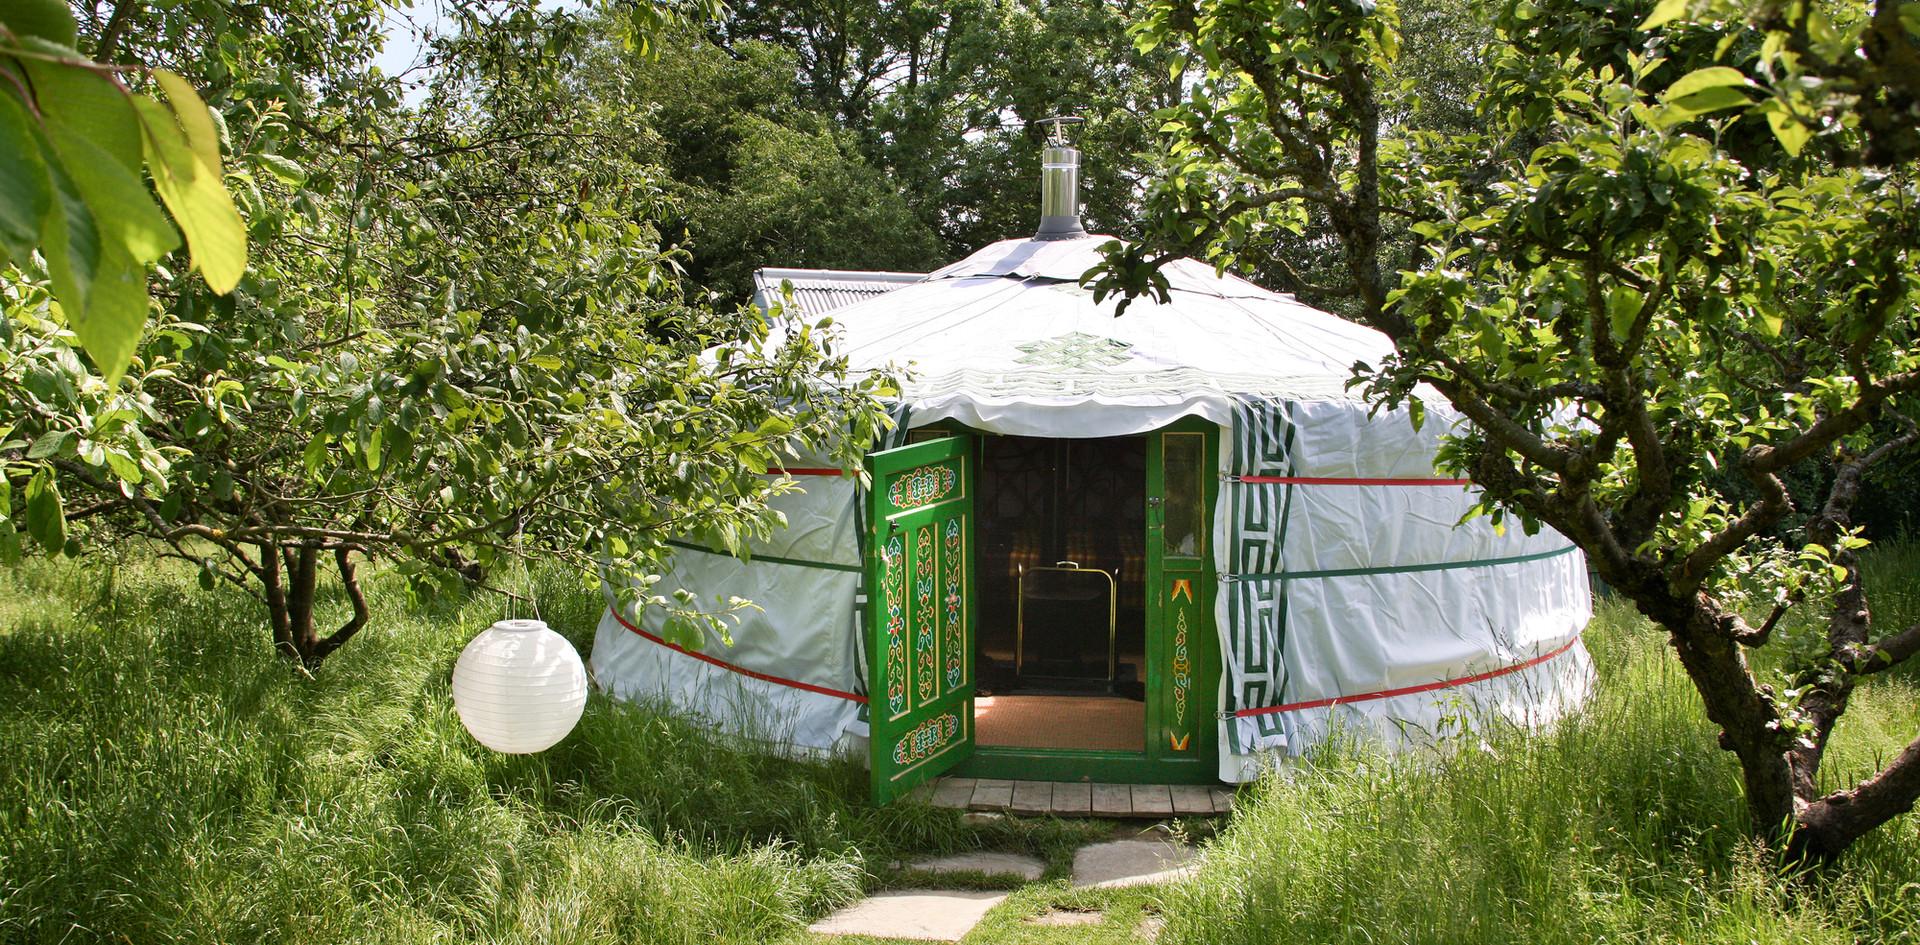 The small yurt